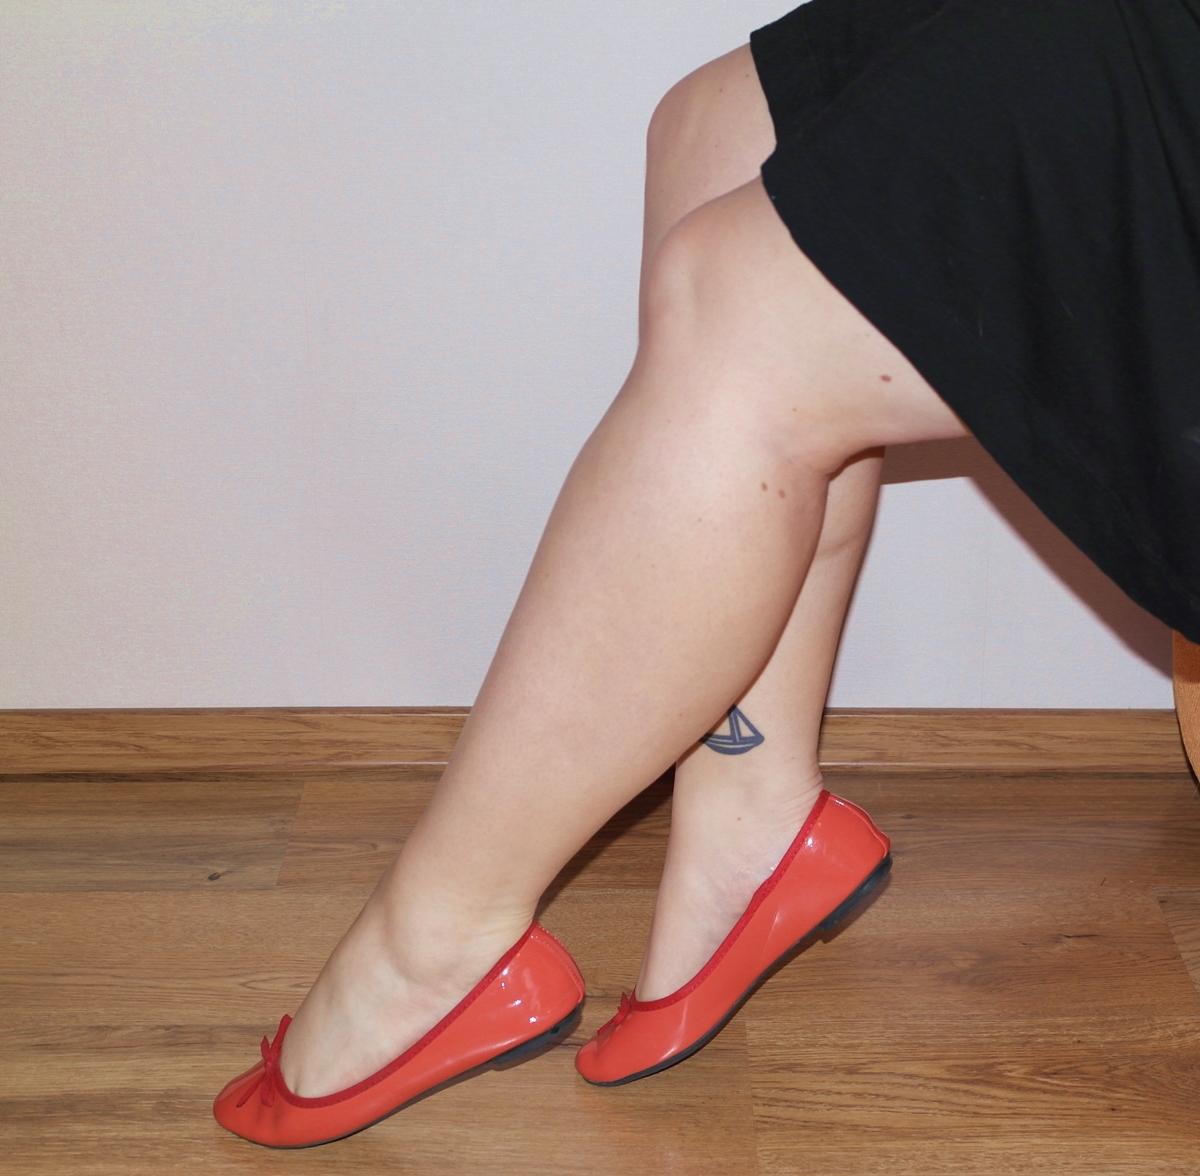 b9a9c94ff95568 Sally Hansen, Airbrush Legs (Perfekcyjne nogi - rajstopy w spray'u)